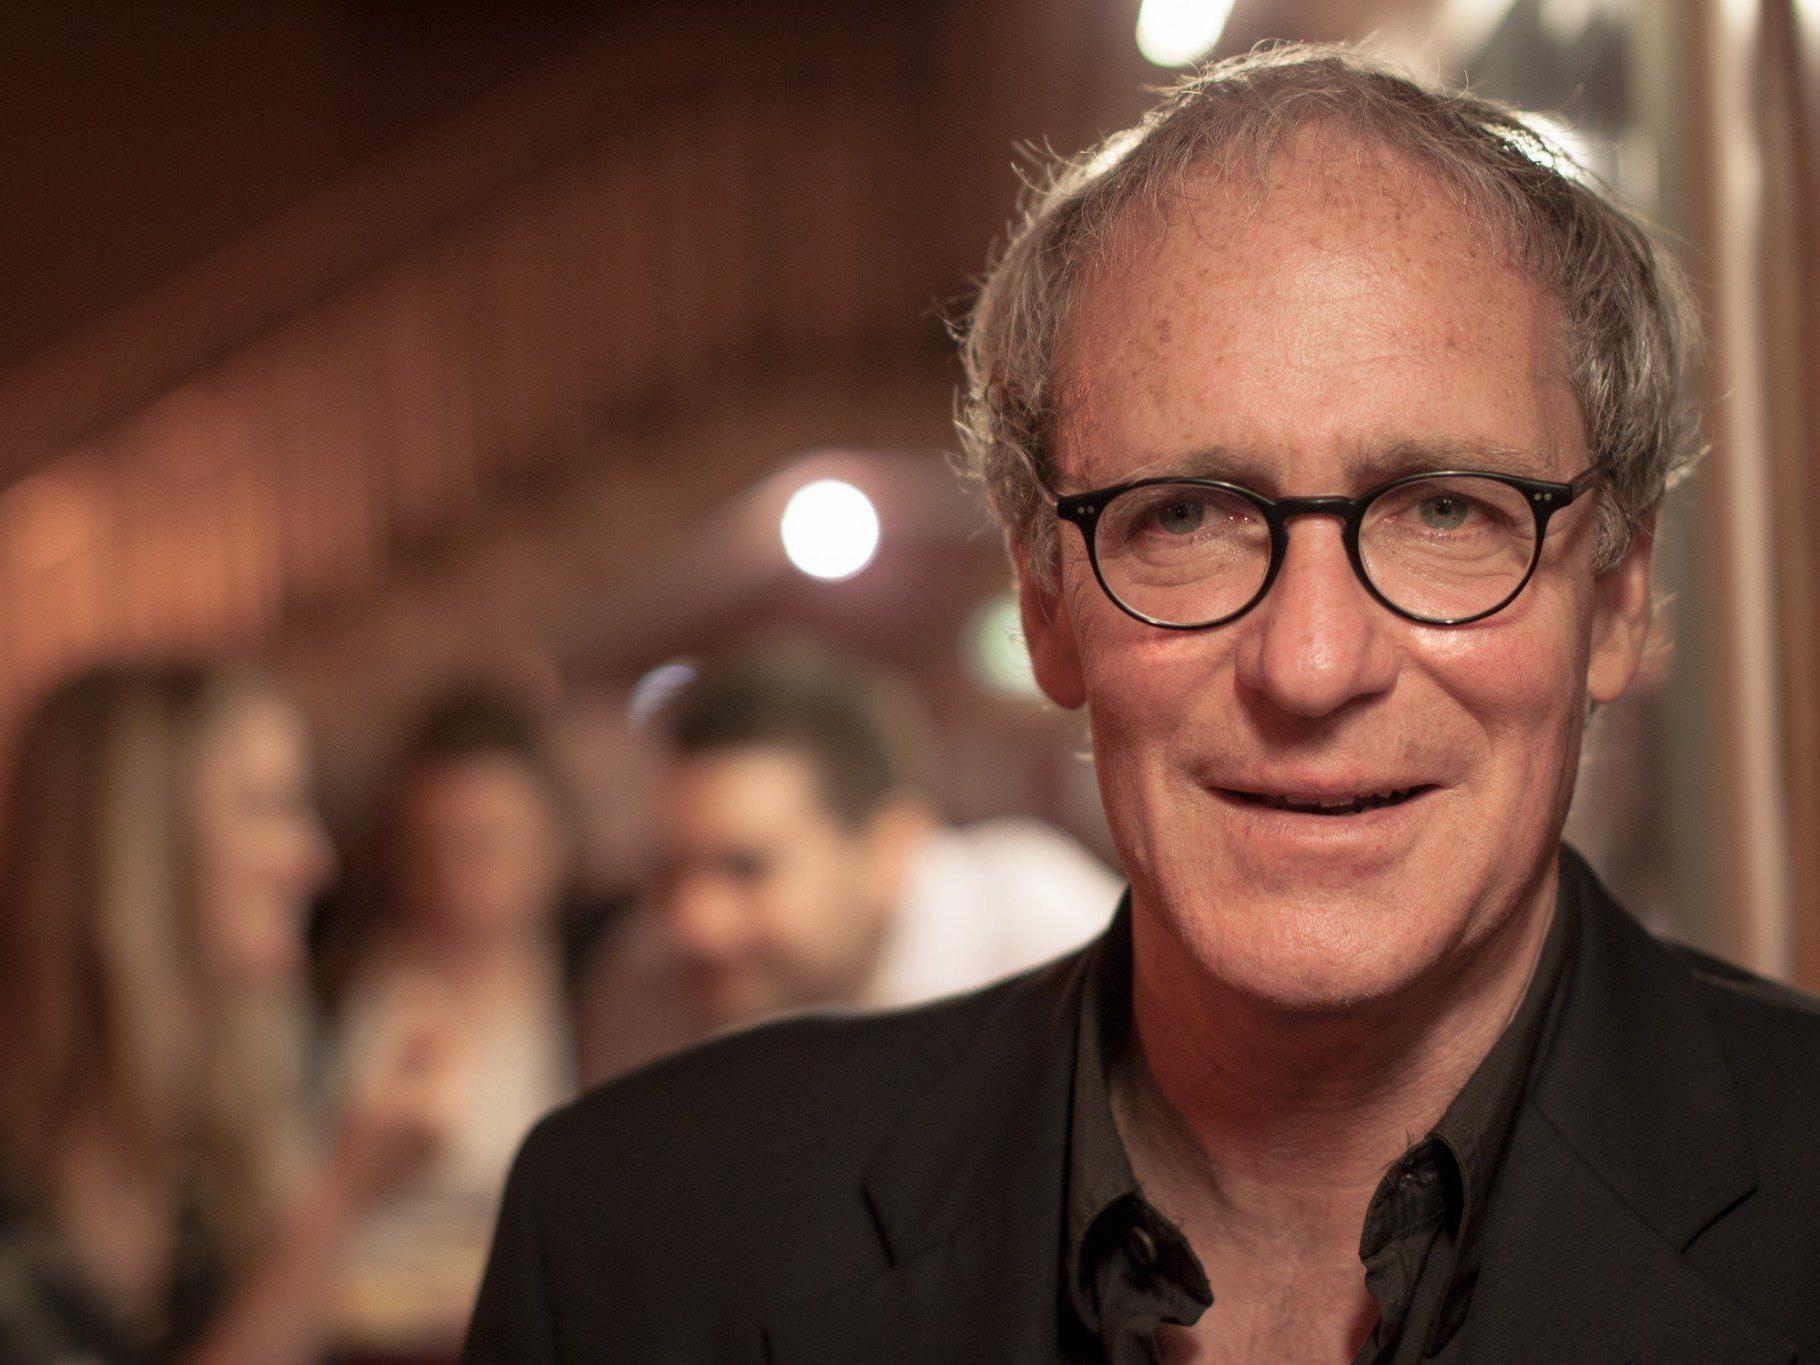 August Zirner hat bereits in über 60 Filmproduktionen mitgewirkt und führt erzählerisch durch die Osterkonzerte des Symphonieorchesters Vorarlberg.